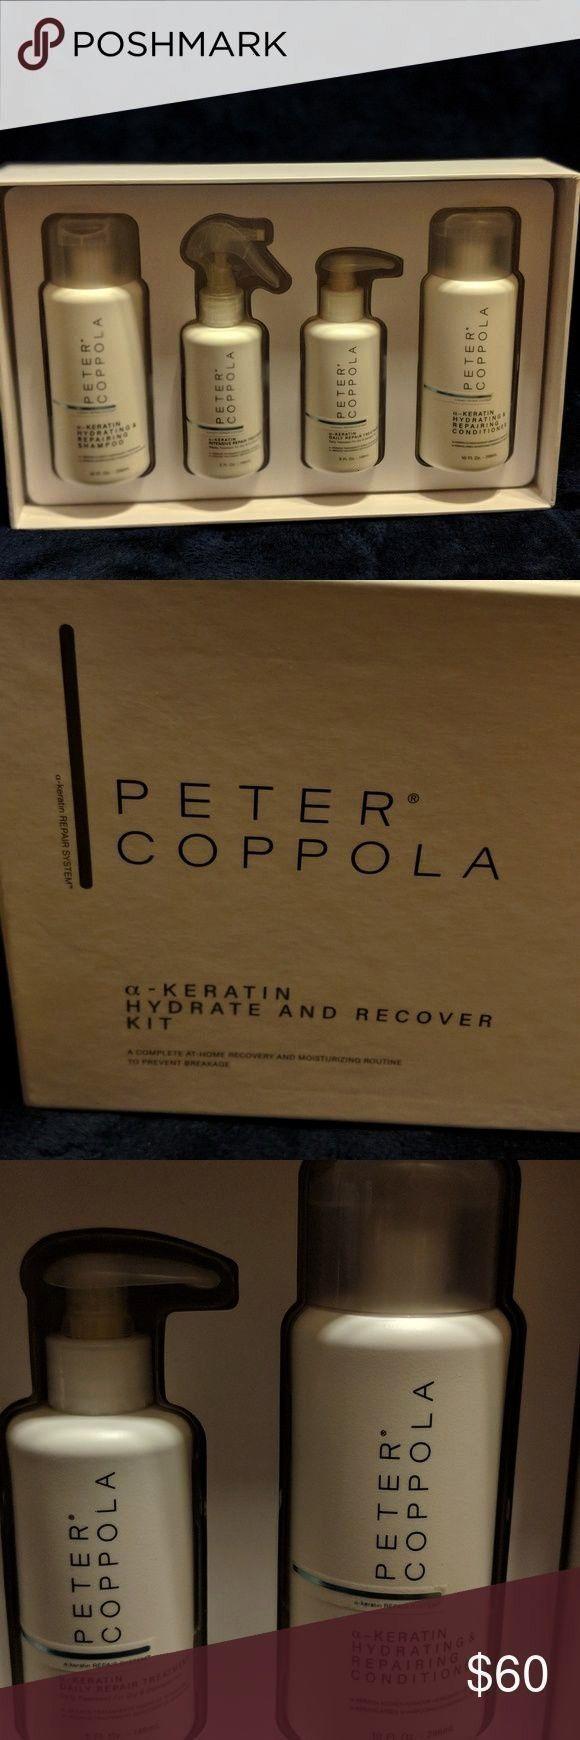 Coppola a-Keratin Hydrat- und Wiederherstellungskit Ein vollständigesPeter Coppola a-Keratin Hydra